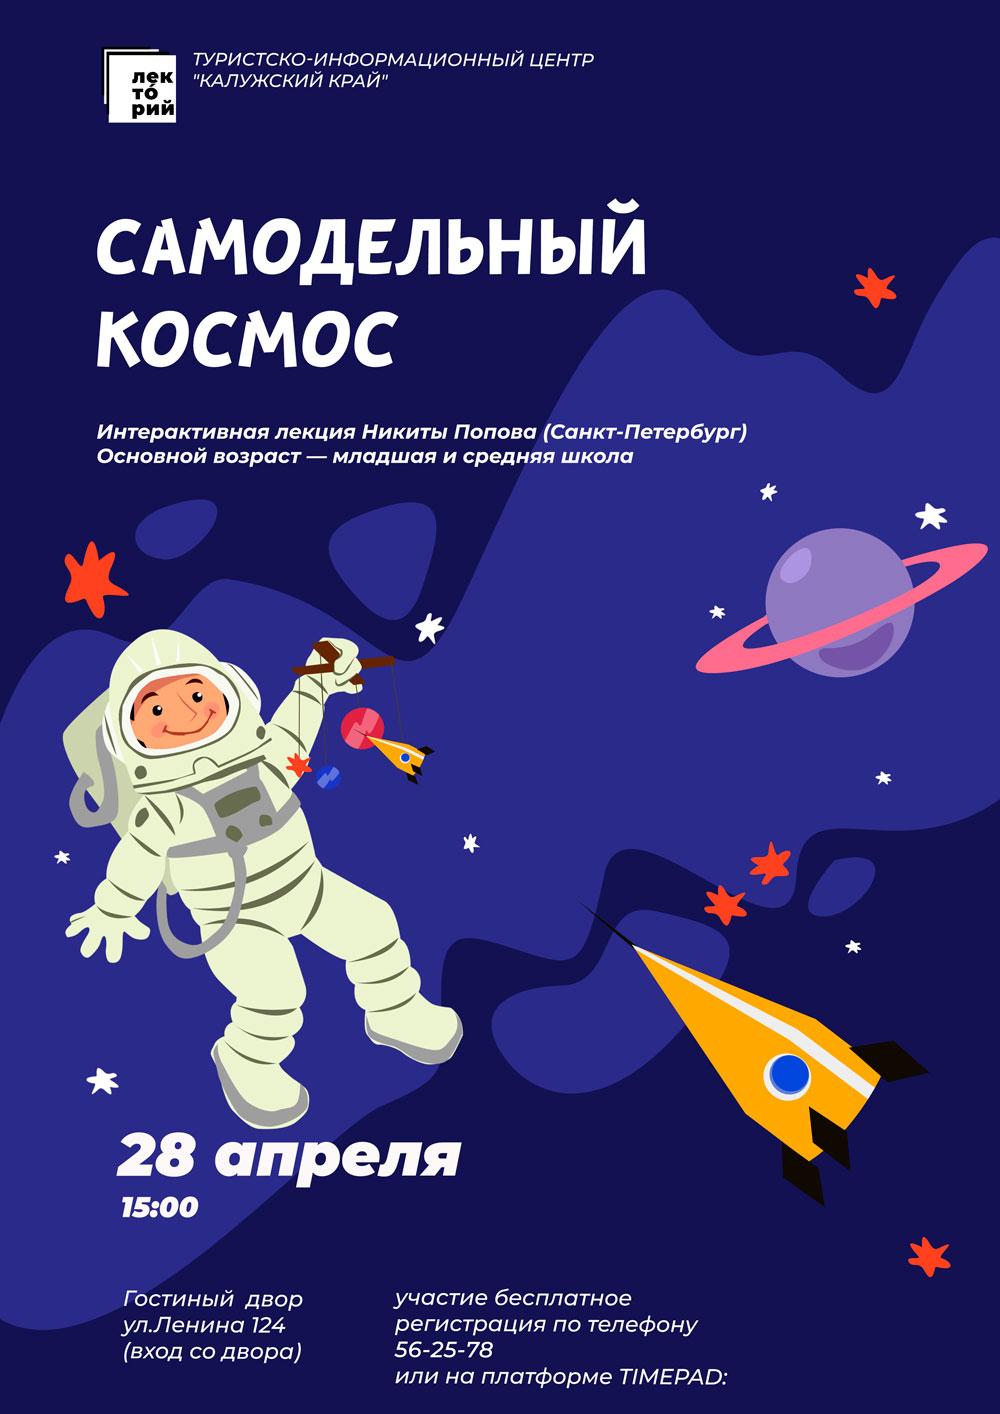 Космолекция «Самодельный космос» Визит-центр «Калужский край»